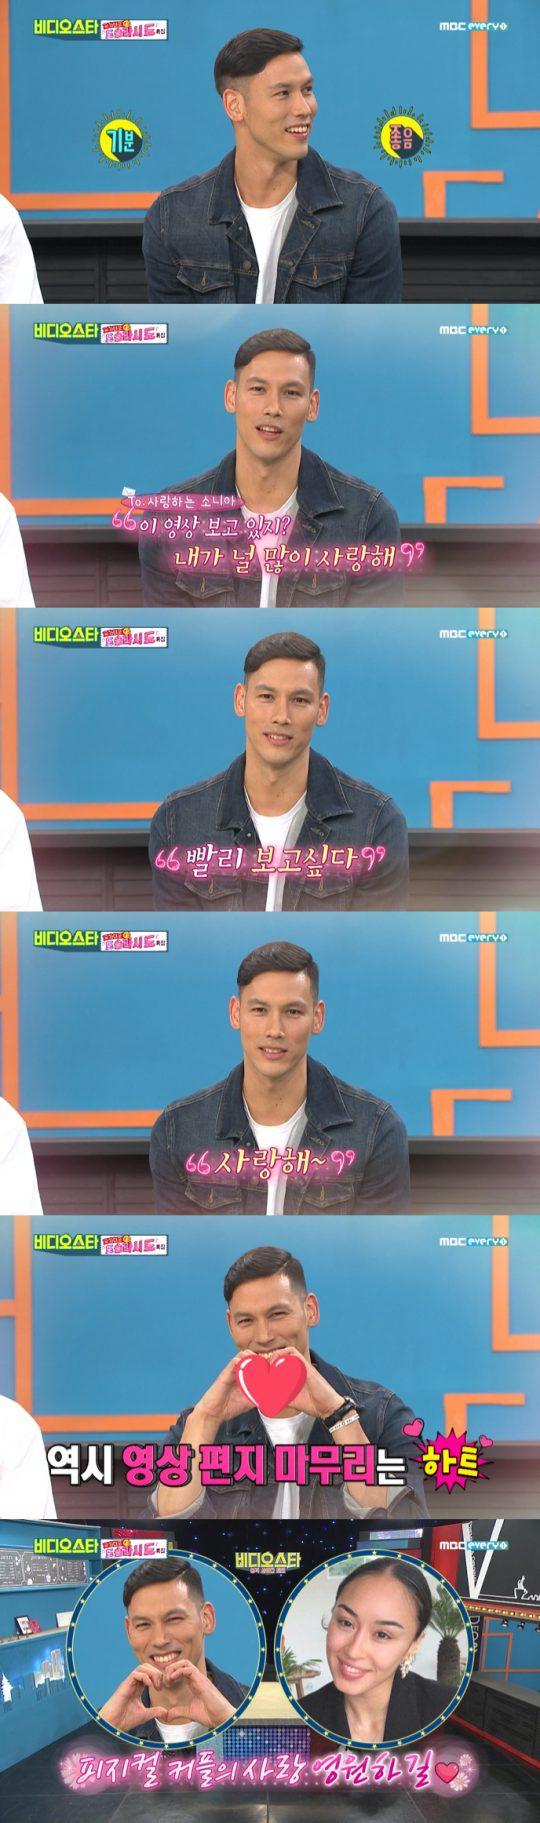 '비디오스타'에서 열애 사실을 밝힌 전 농구선수 이승준. /사진=MBC에브리원 방송 캡처